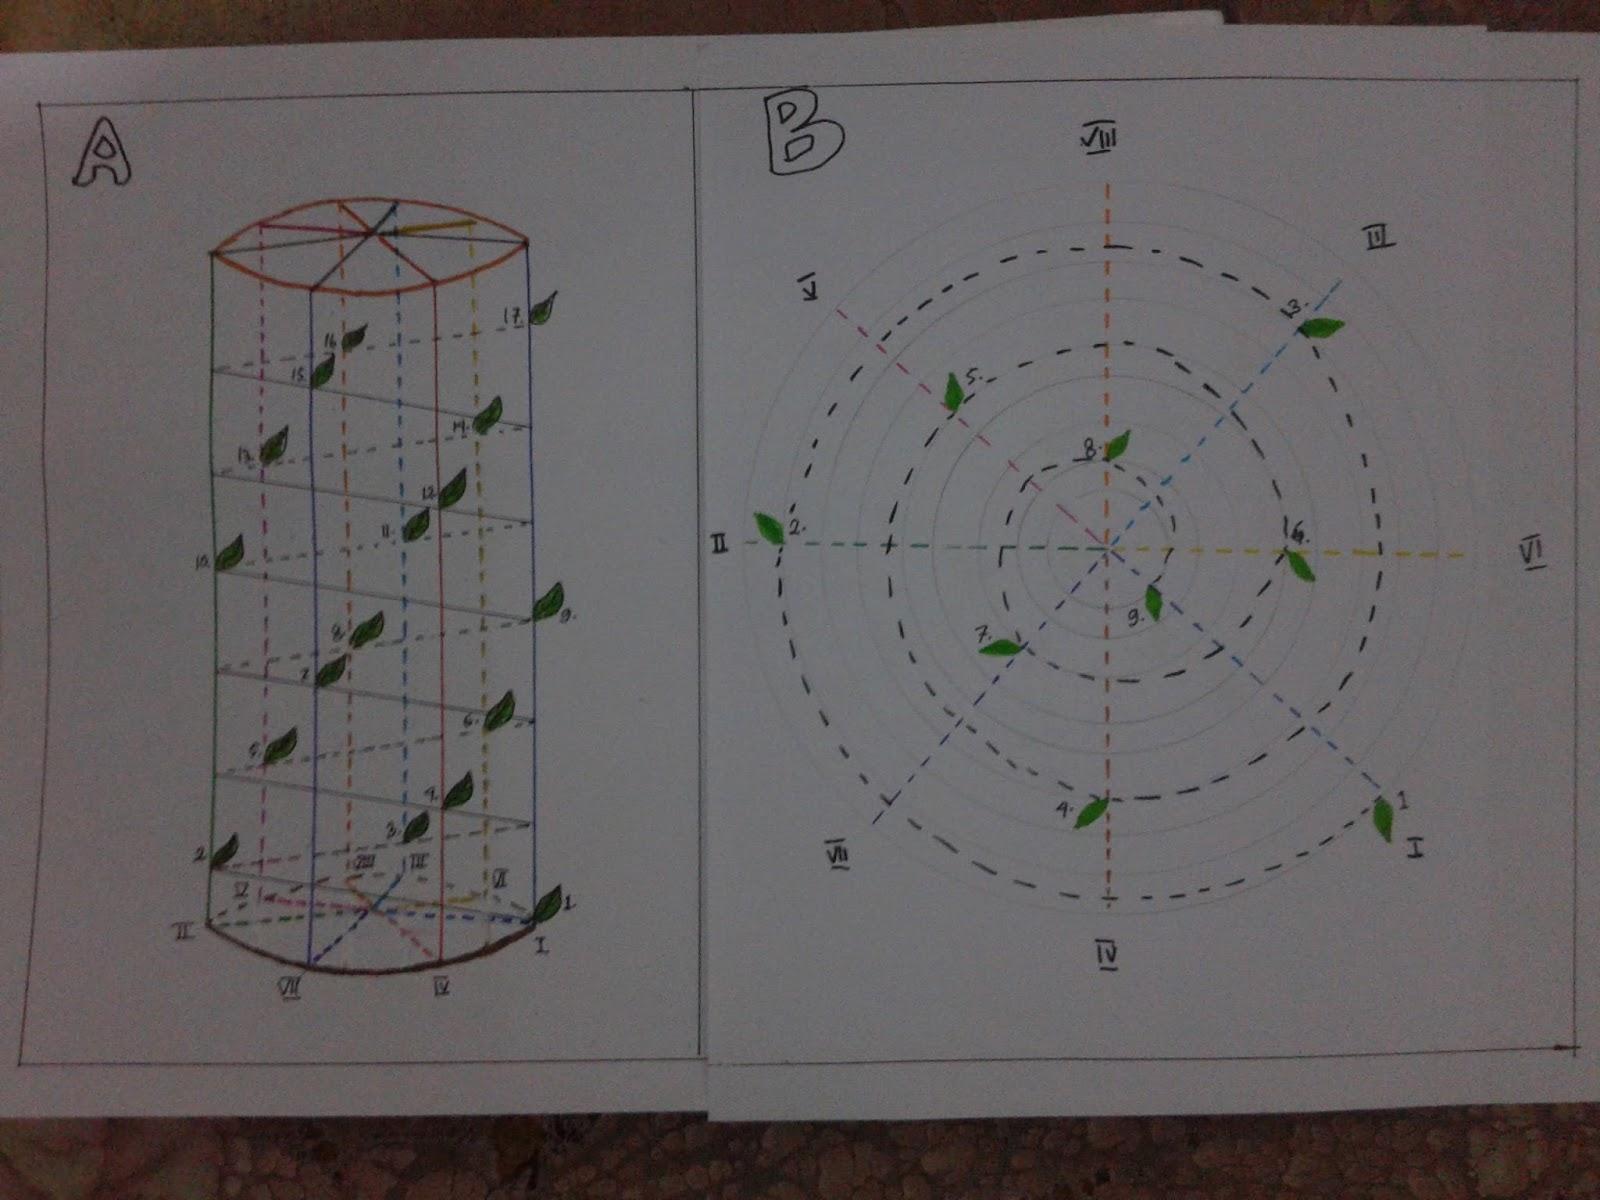 Biologi bagan dan diagram daun menurut rumus 38 saya akan menjelaskan tentang bagan duduk daun dan diagram duduk daun menurut rumus 38 saya tidak menjelaskan materi tetapi langsung kecontoh saja agar ccuart Gallery